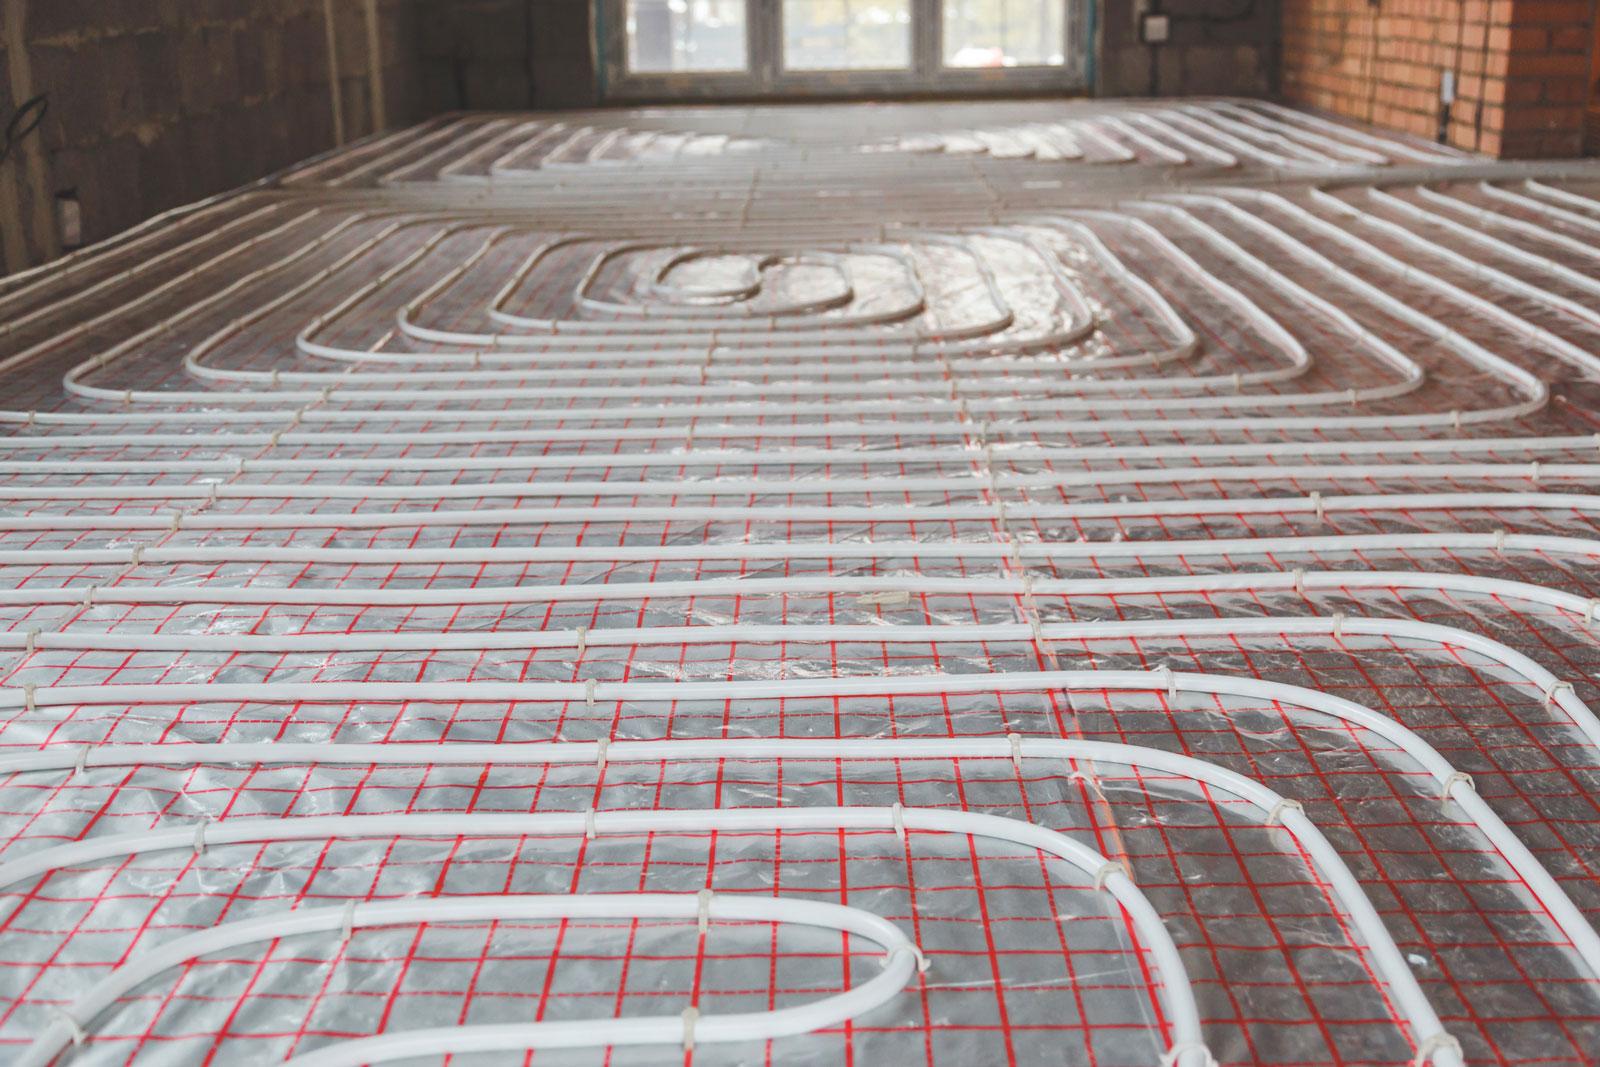 Komfort im Boden: Vor dem Estrich muss die Verlegung der Fußbodenheizung kontrolliert werden.